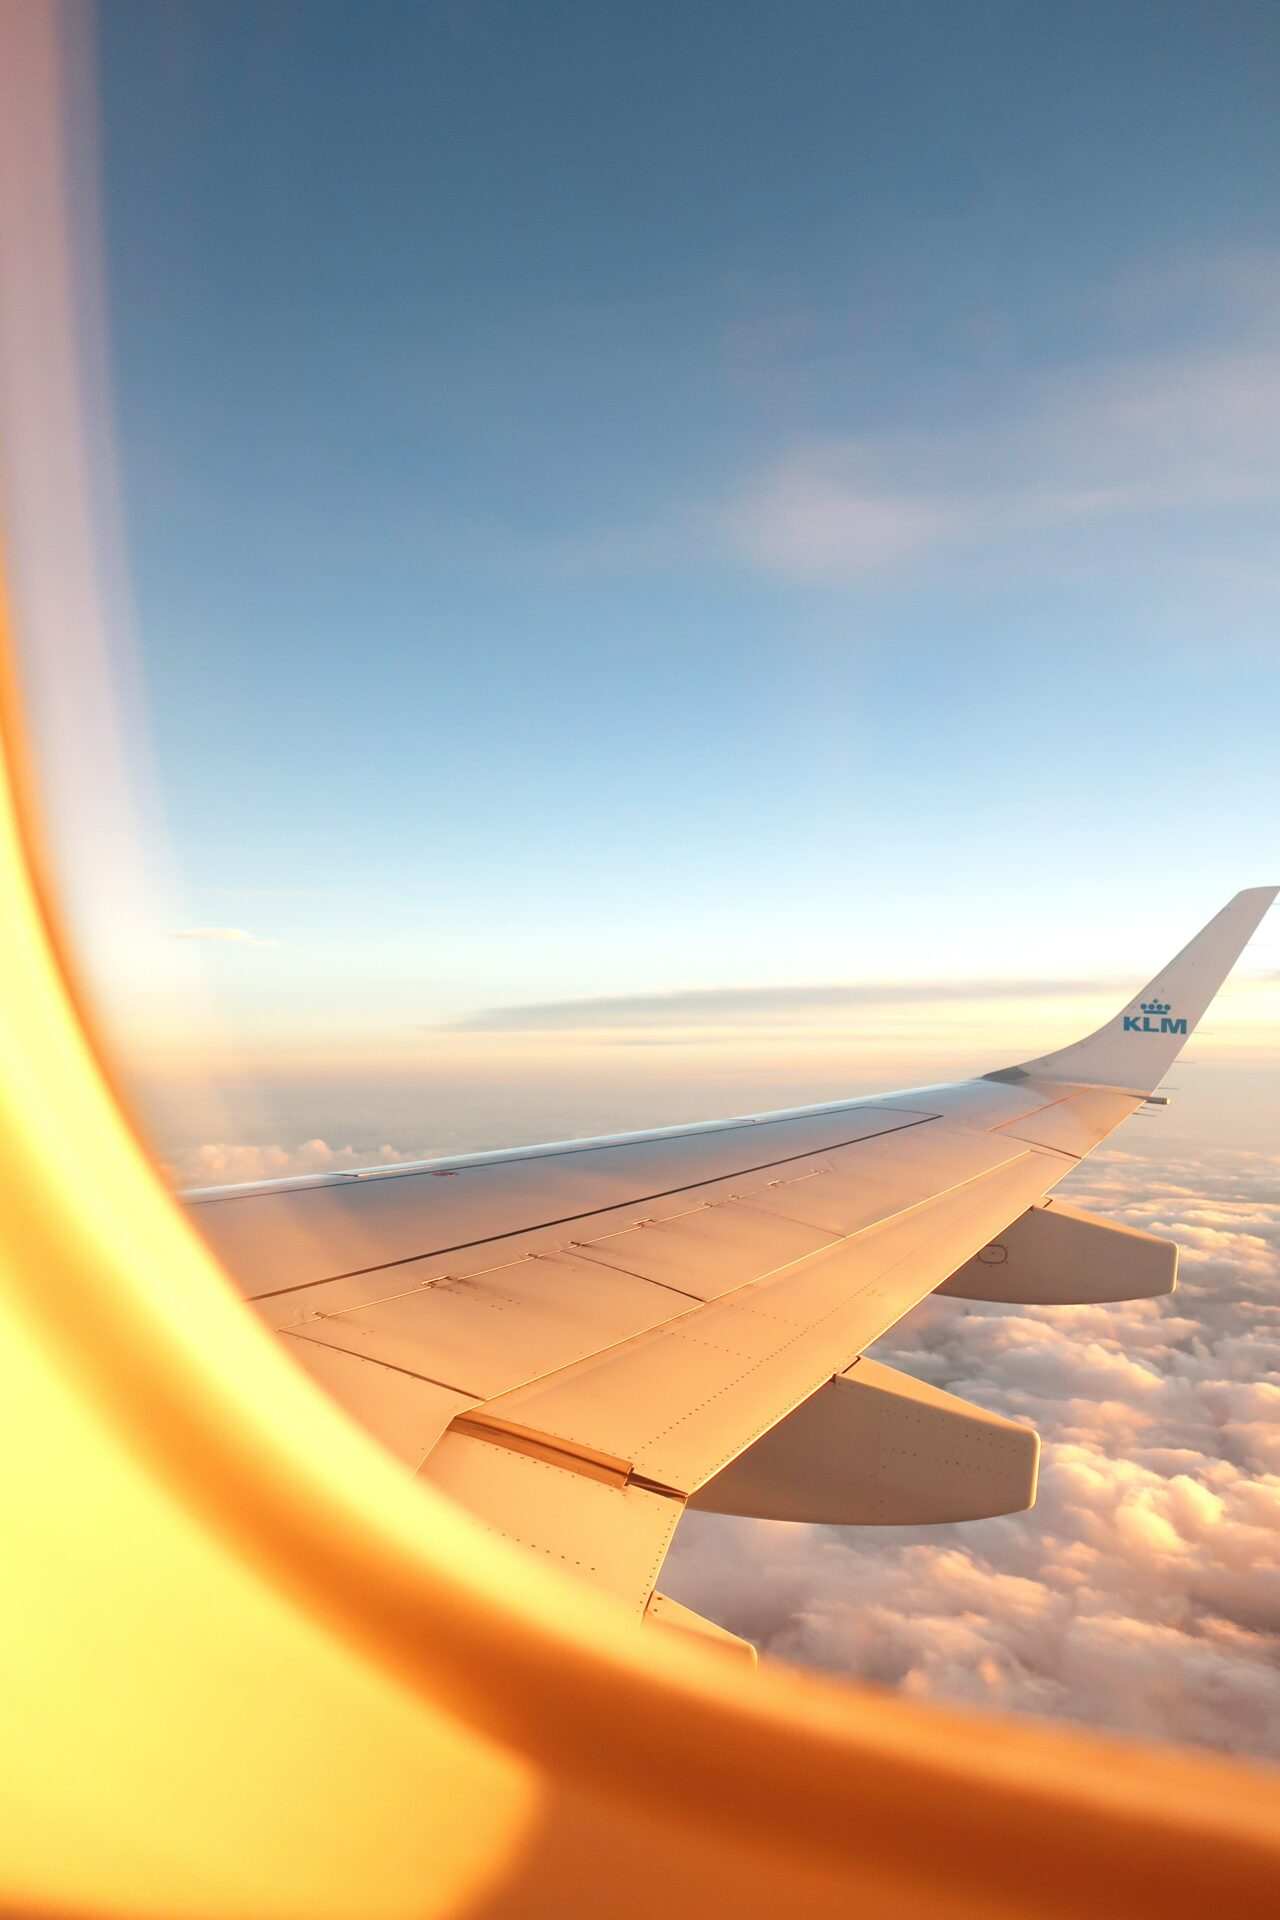 Reisblog België TravelRebel - ARUBA - KLM